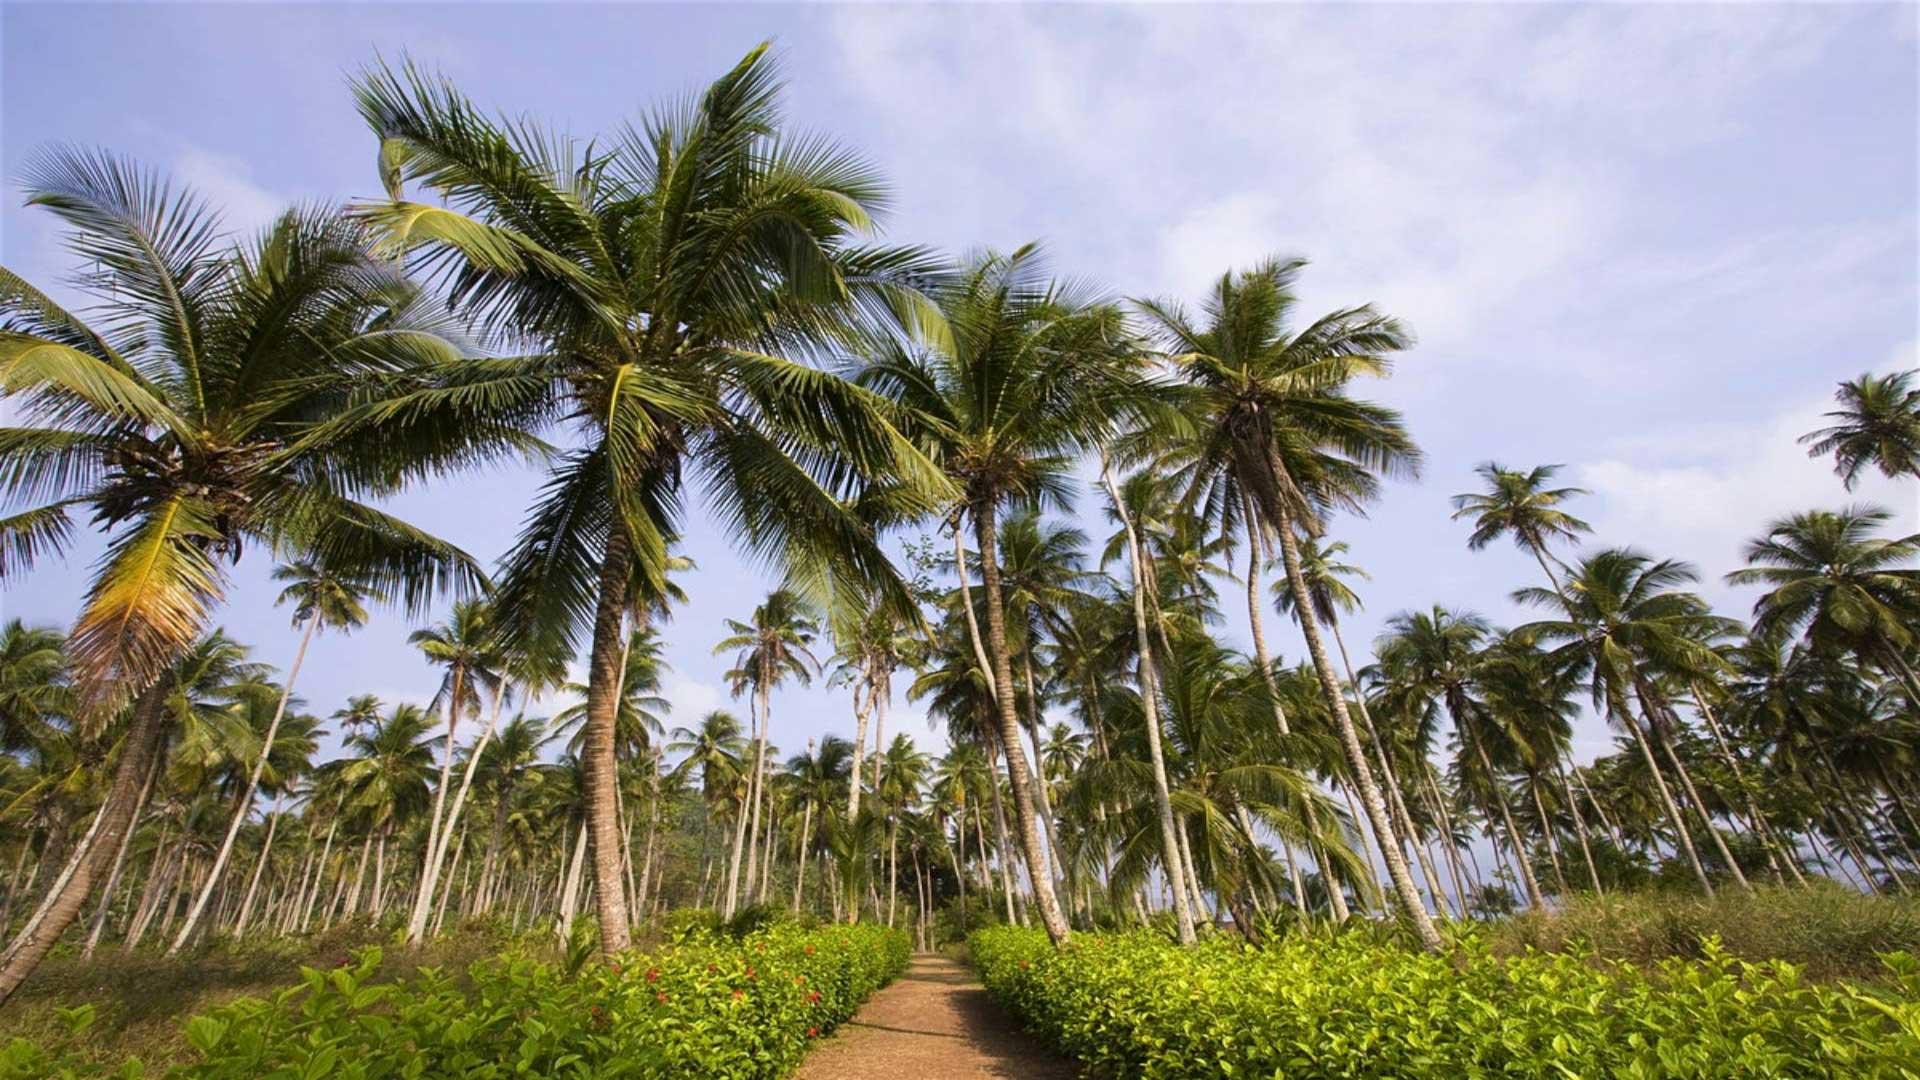 Petit écrin de végétation luxuriante perdu au milieu de l'immensité de l'Océan Atlantique, l'archipel de Sao Tomé-et-Principe est un joyau où tout reste à découvrir